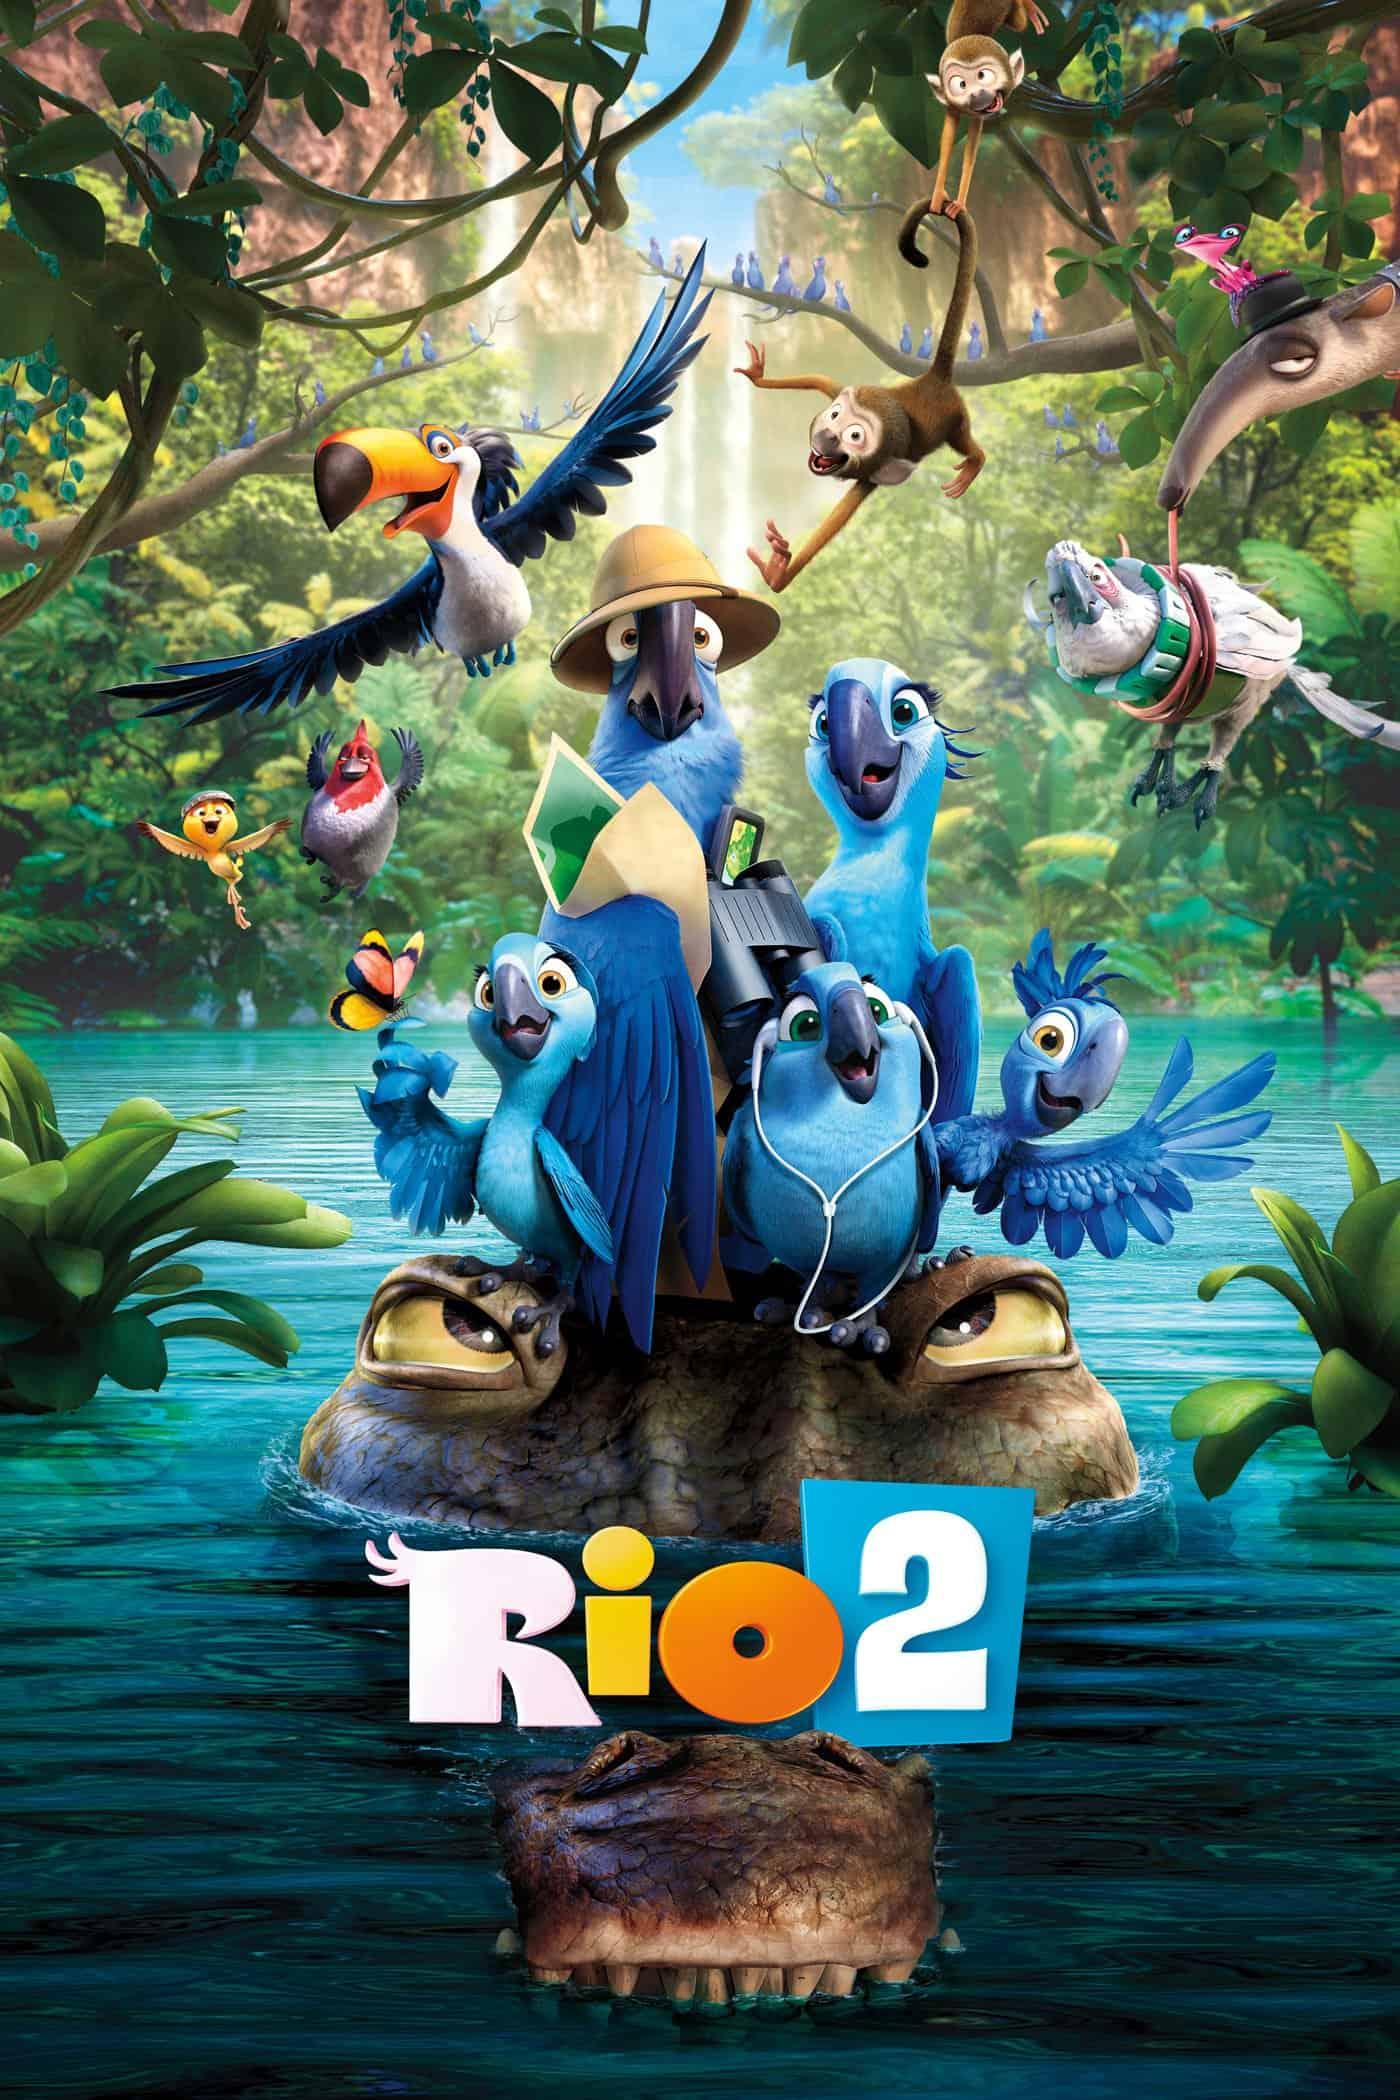 Rio 2, 2014